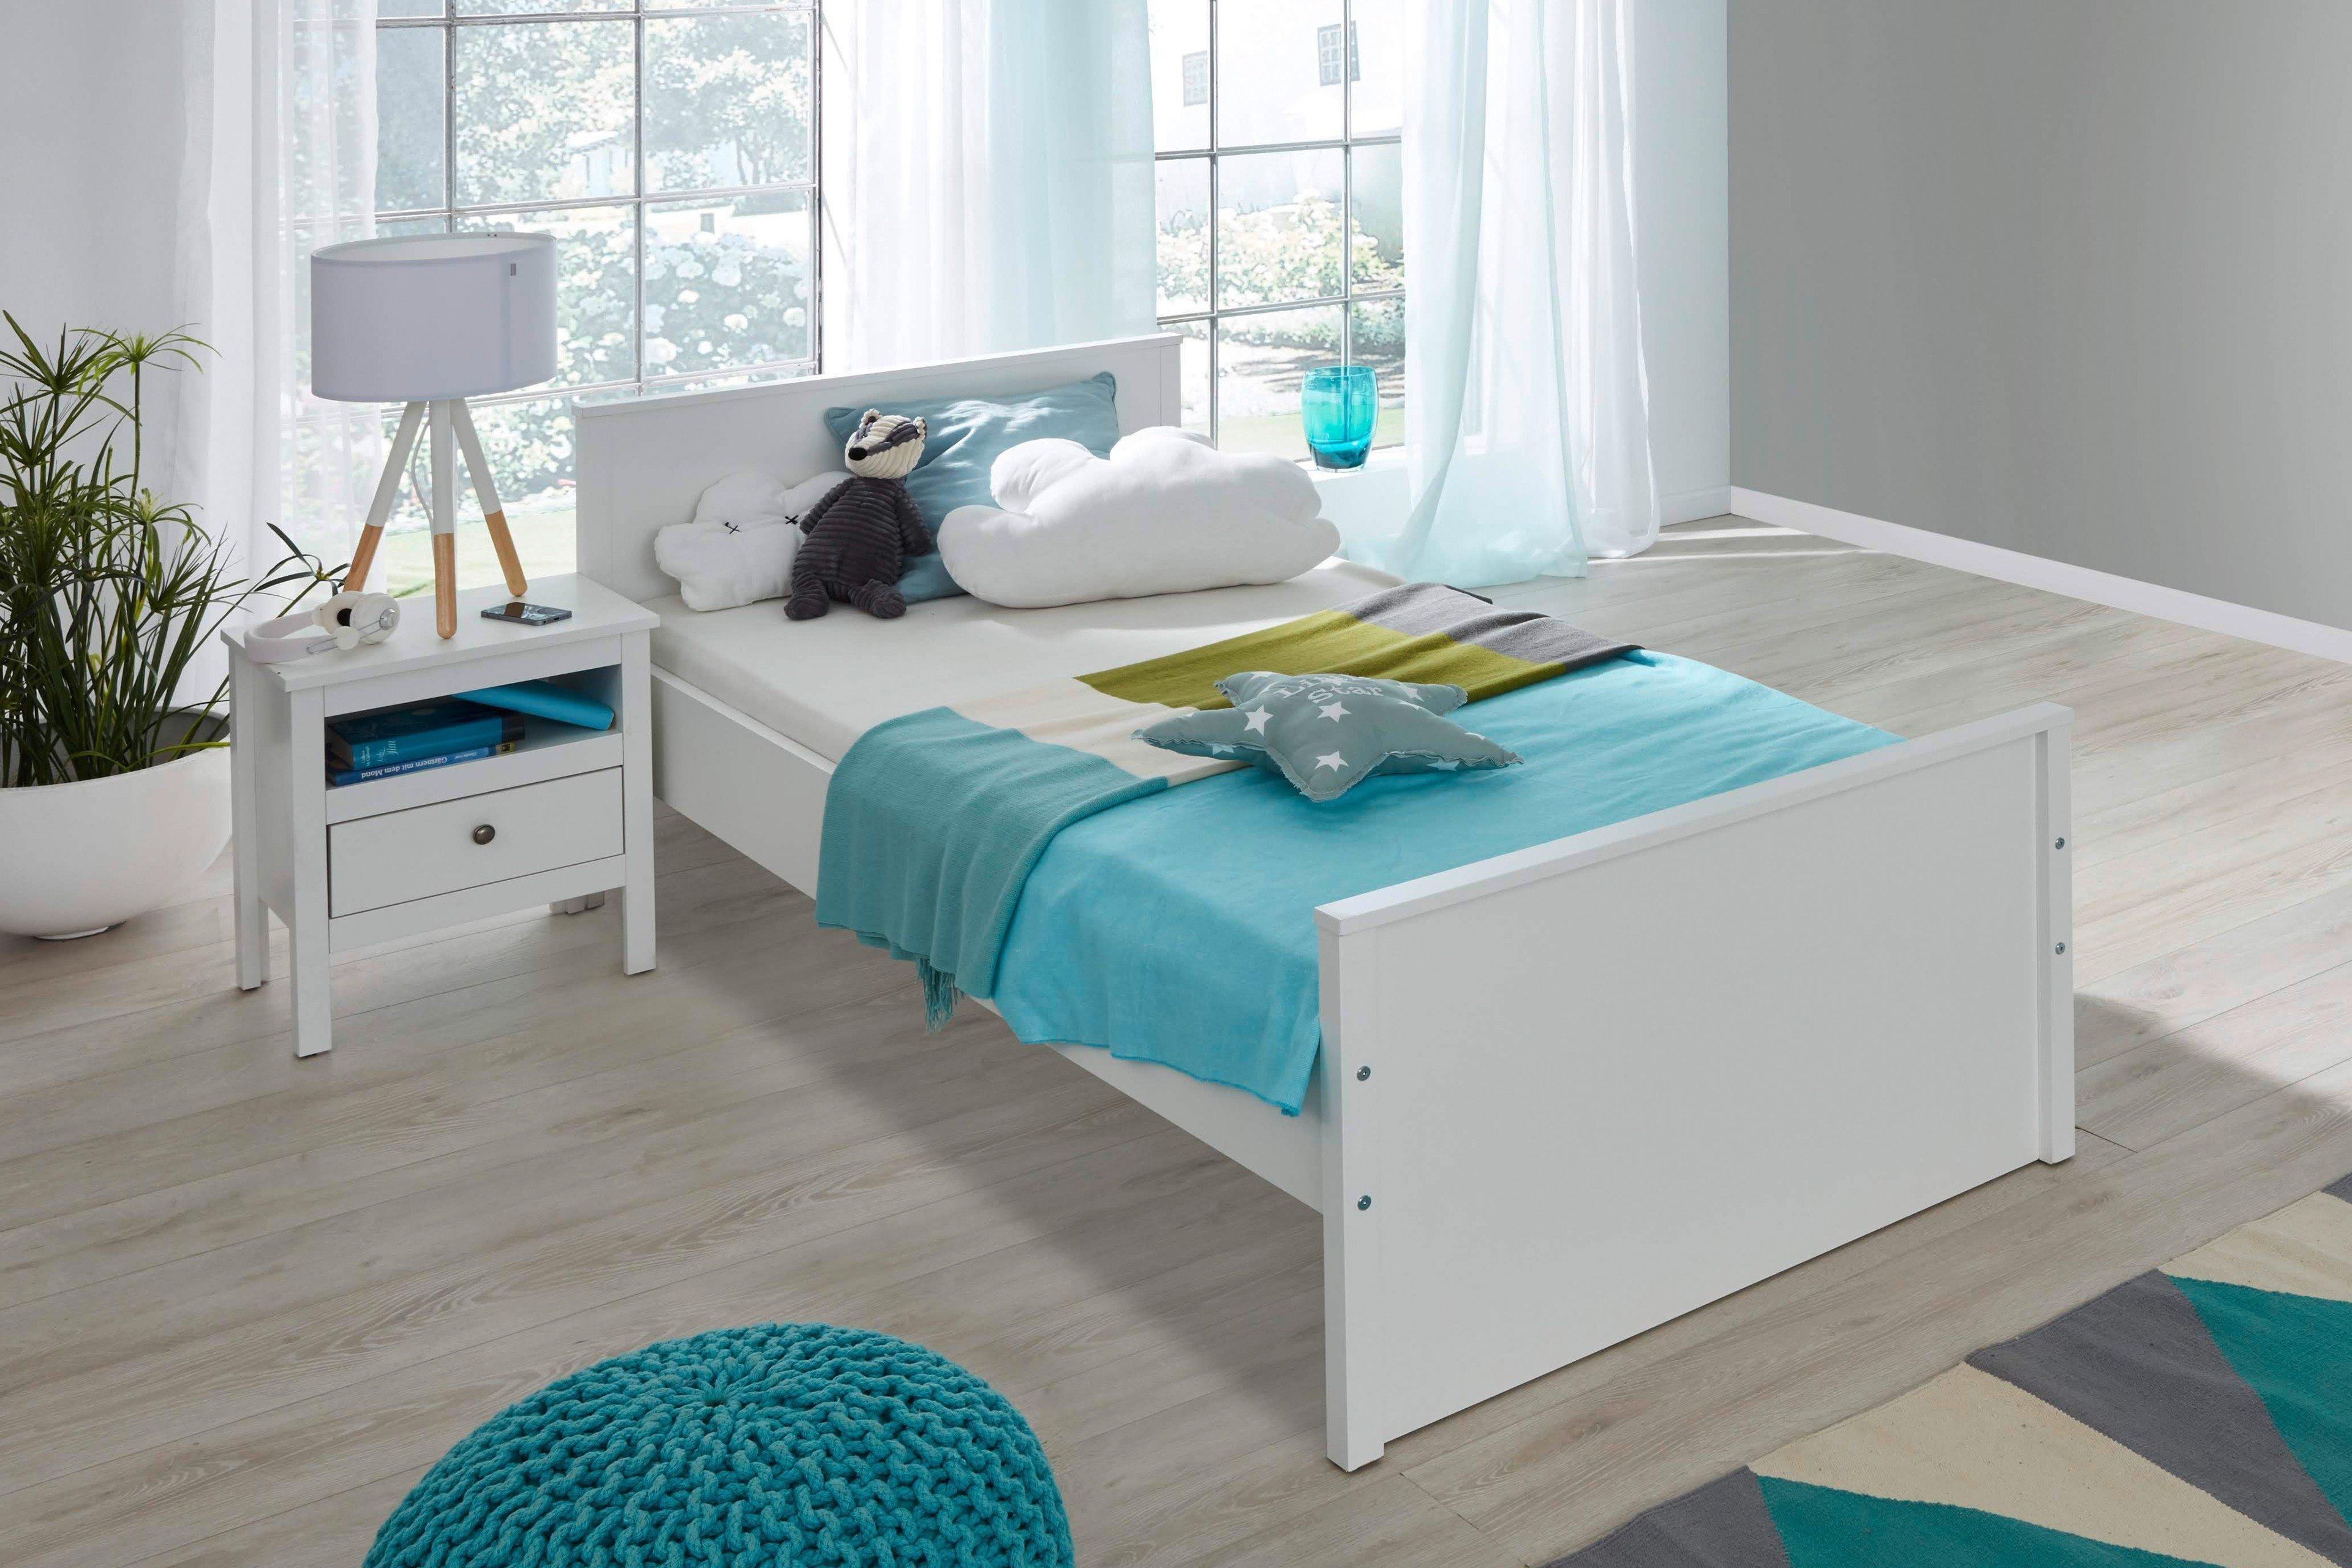 trendteam ole jugendbett 90x200 cm wei m bel letz. Black Bedroom Furniture Sets. Home Design Ideas